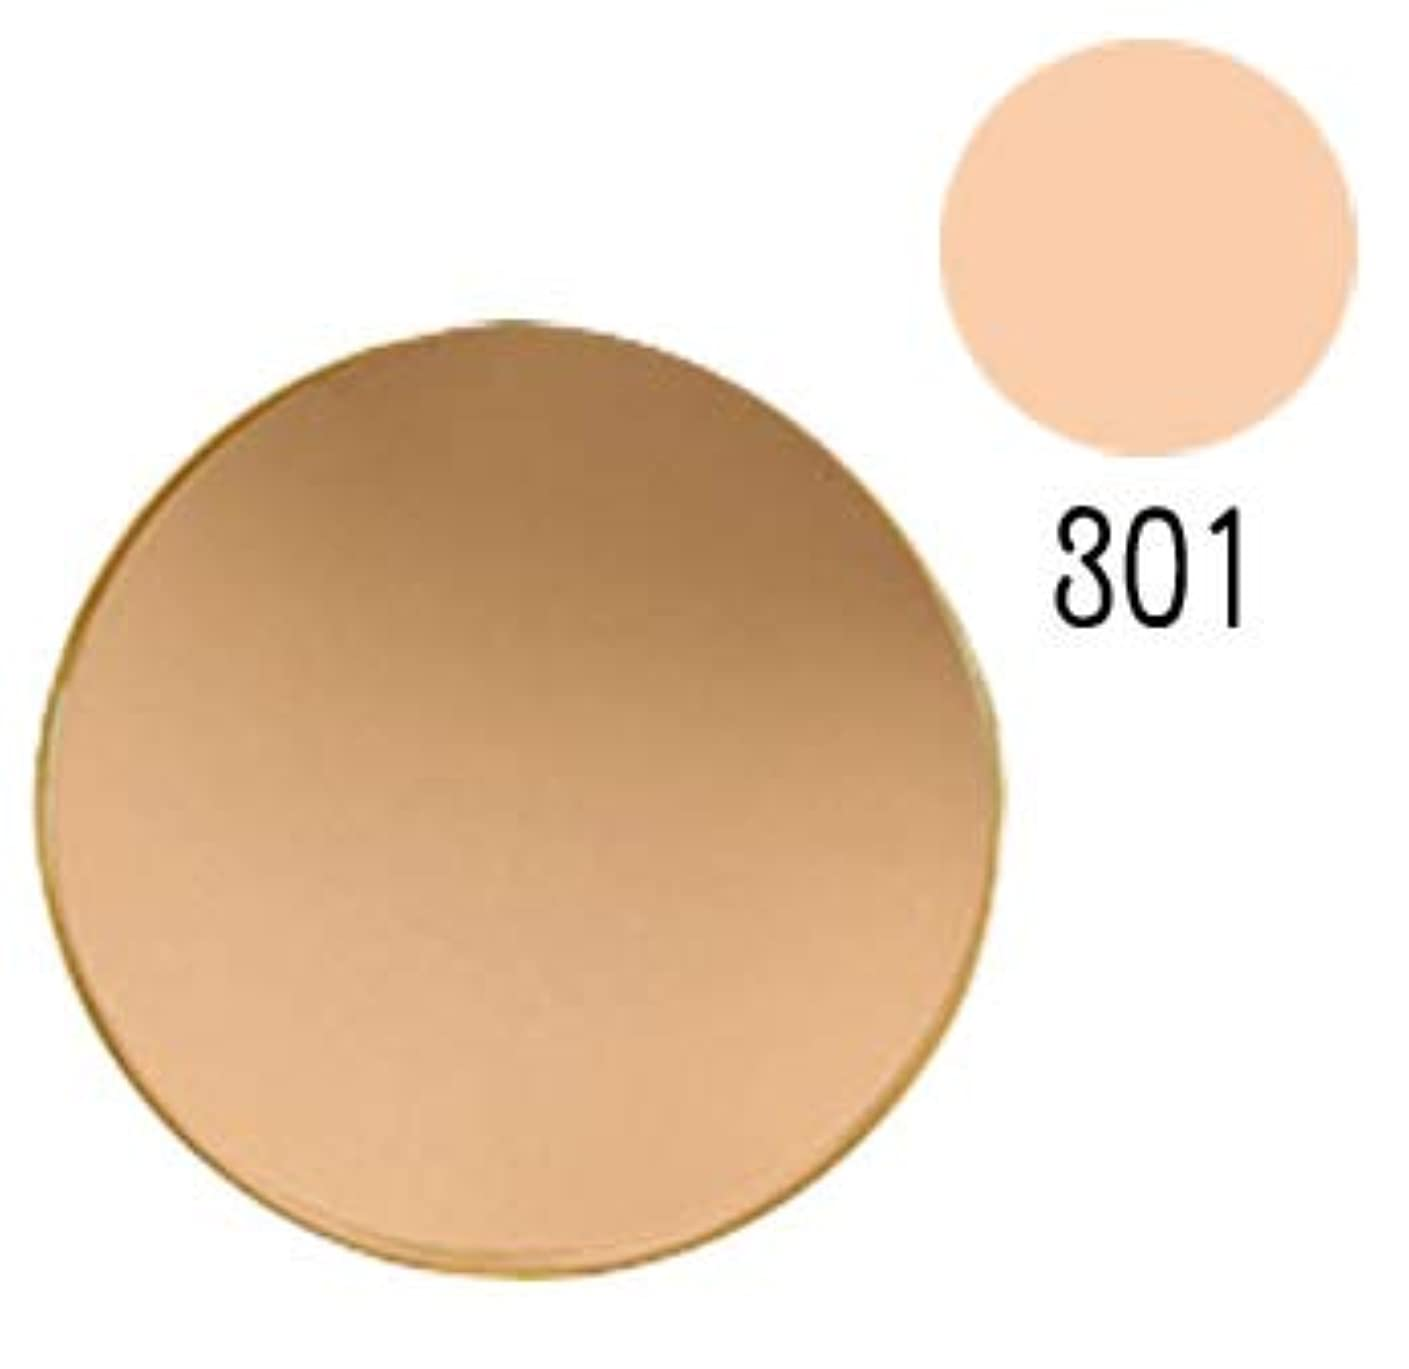 薄める好み耐久コスメデコルテ エタニア シュール ファンデーション<301> レフィル SPF15/PA++